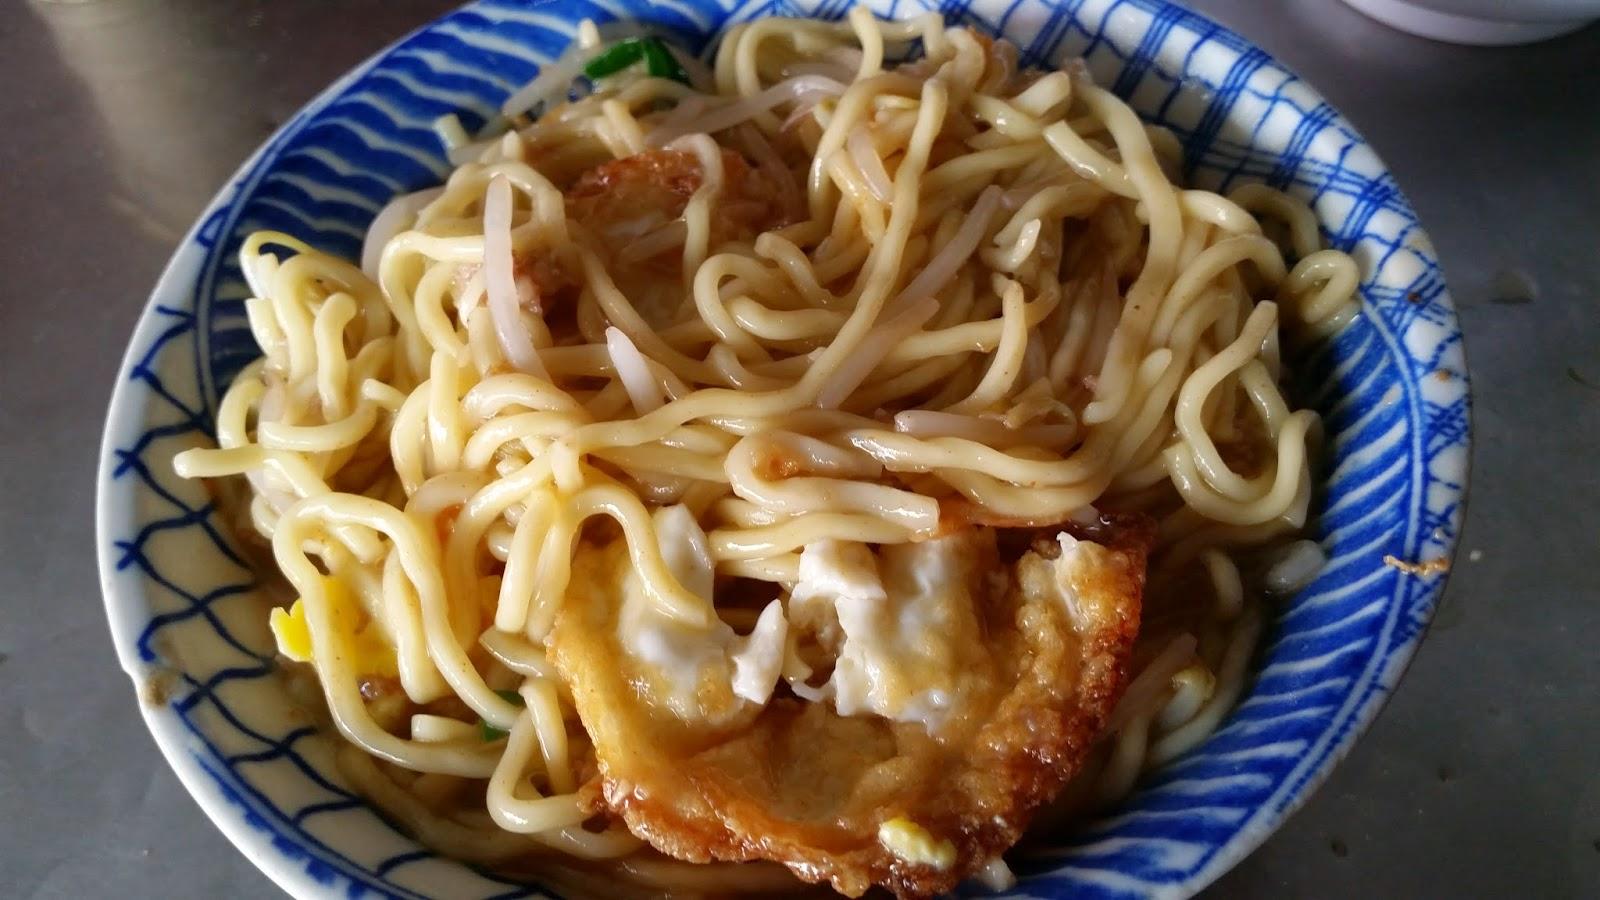 Gary Love Share (Gary 愛分享): 虎尾美食推薦: 古早味乾麵及菜頭粿